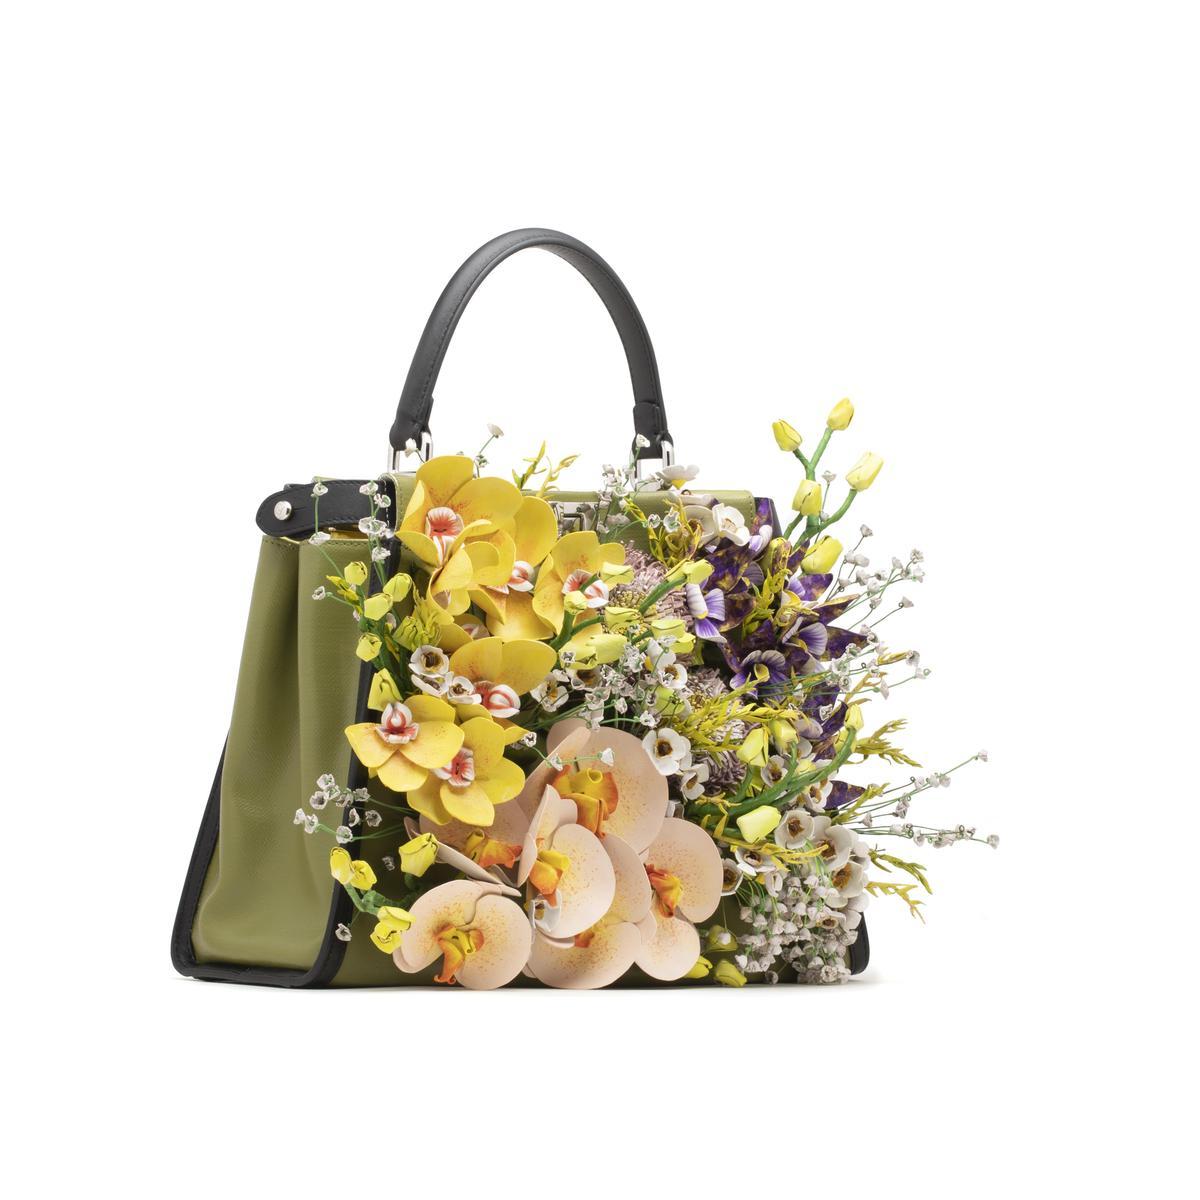 劉嘉玲參與FENDI Peekaboo Meets Design計畫所設計的皮質花朵包款。(FENDI提供)